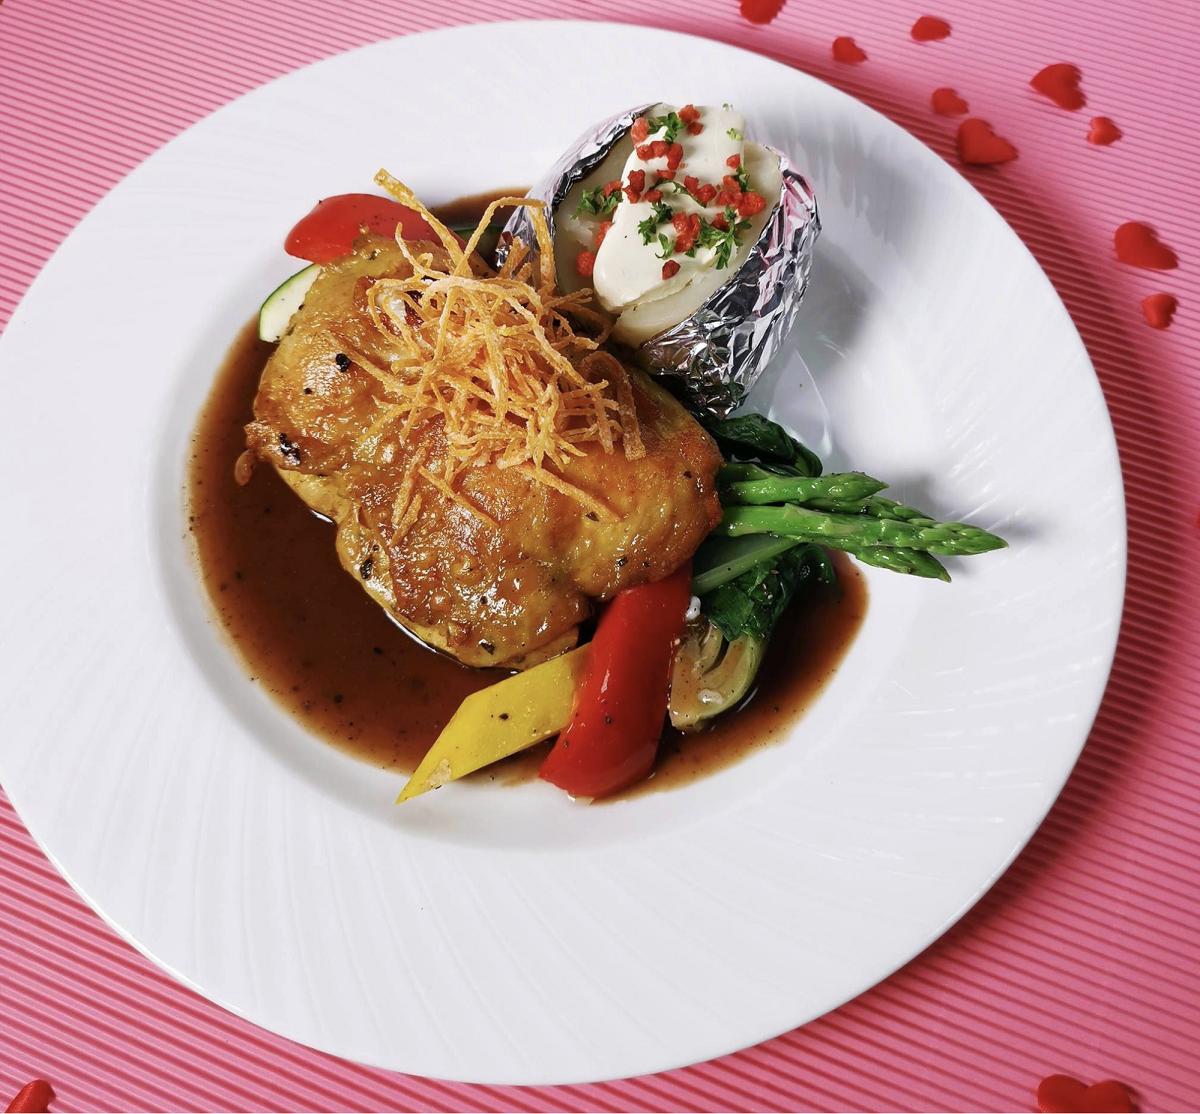 brunetti oven baked chicken thigh valentine's day set dinner 2019